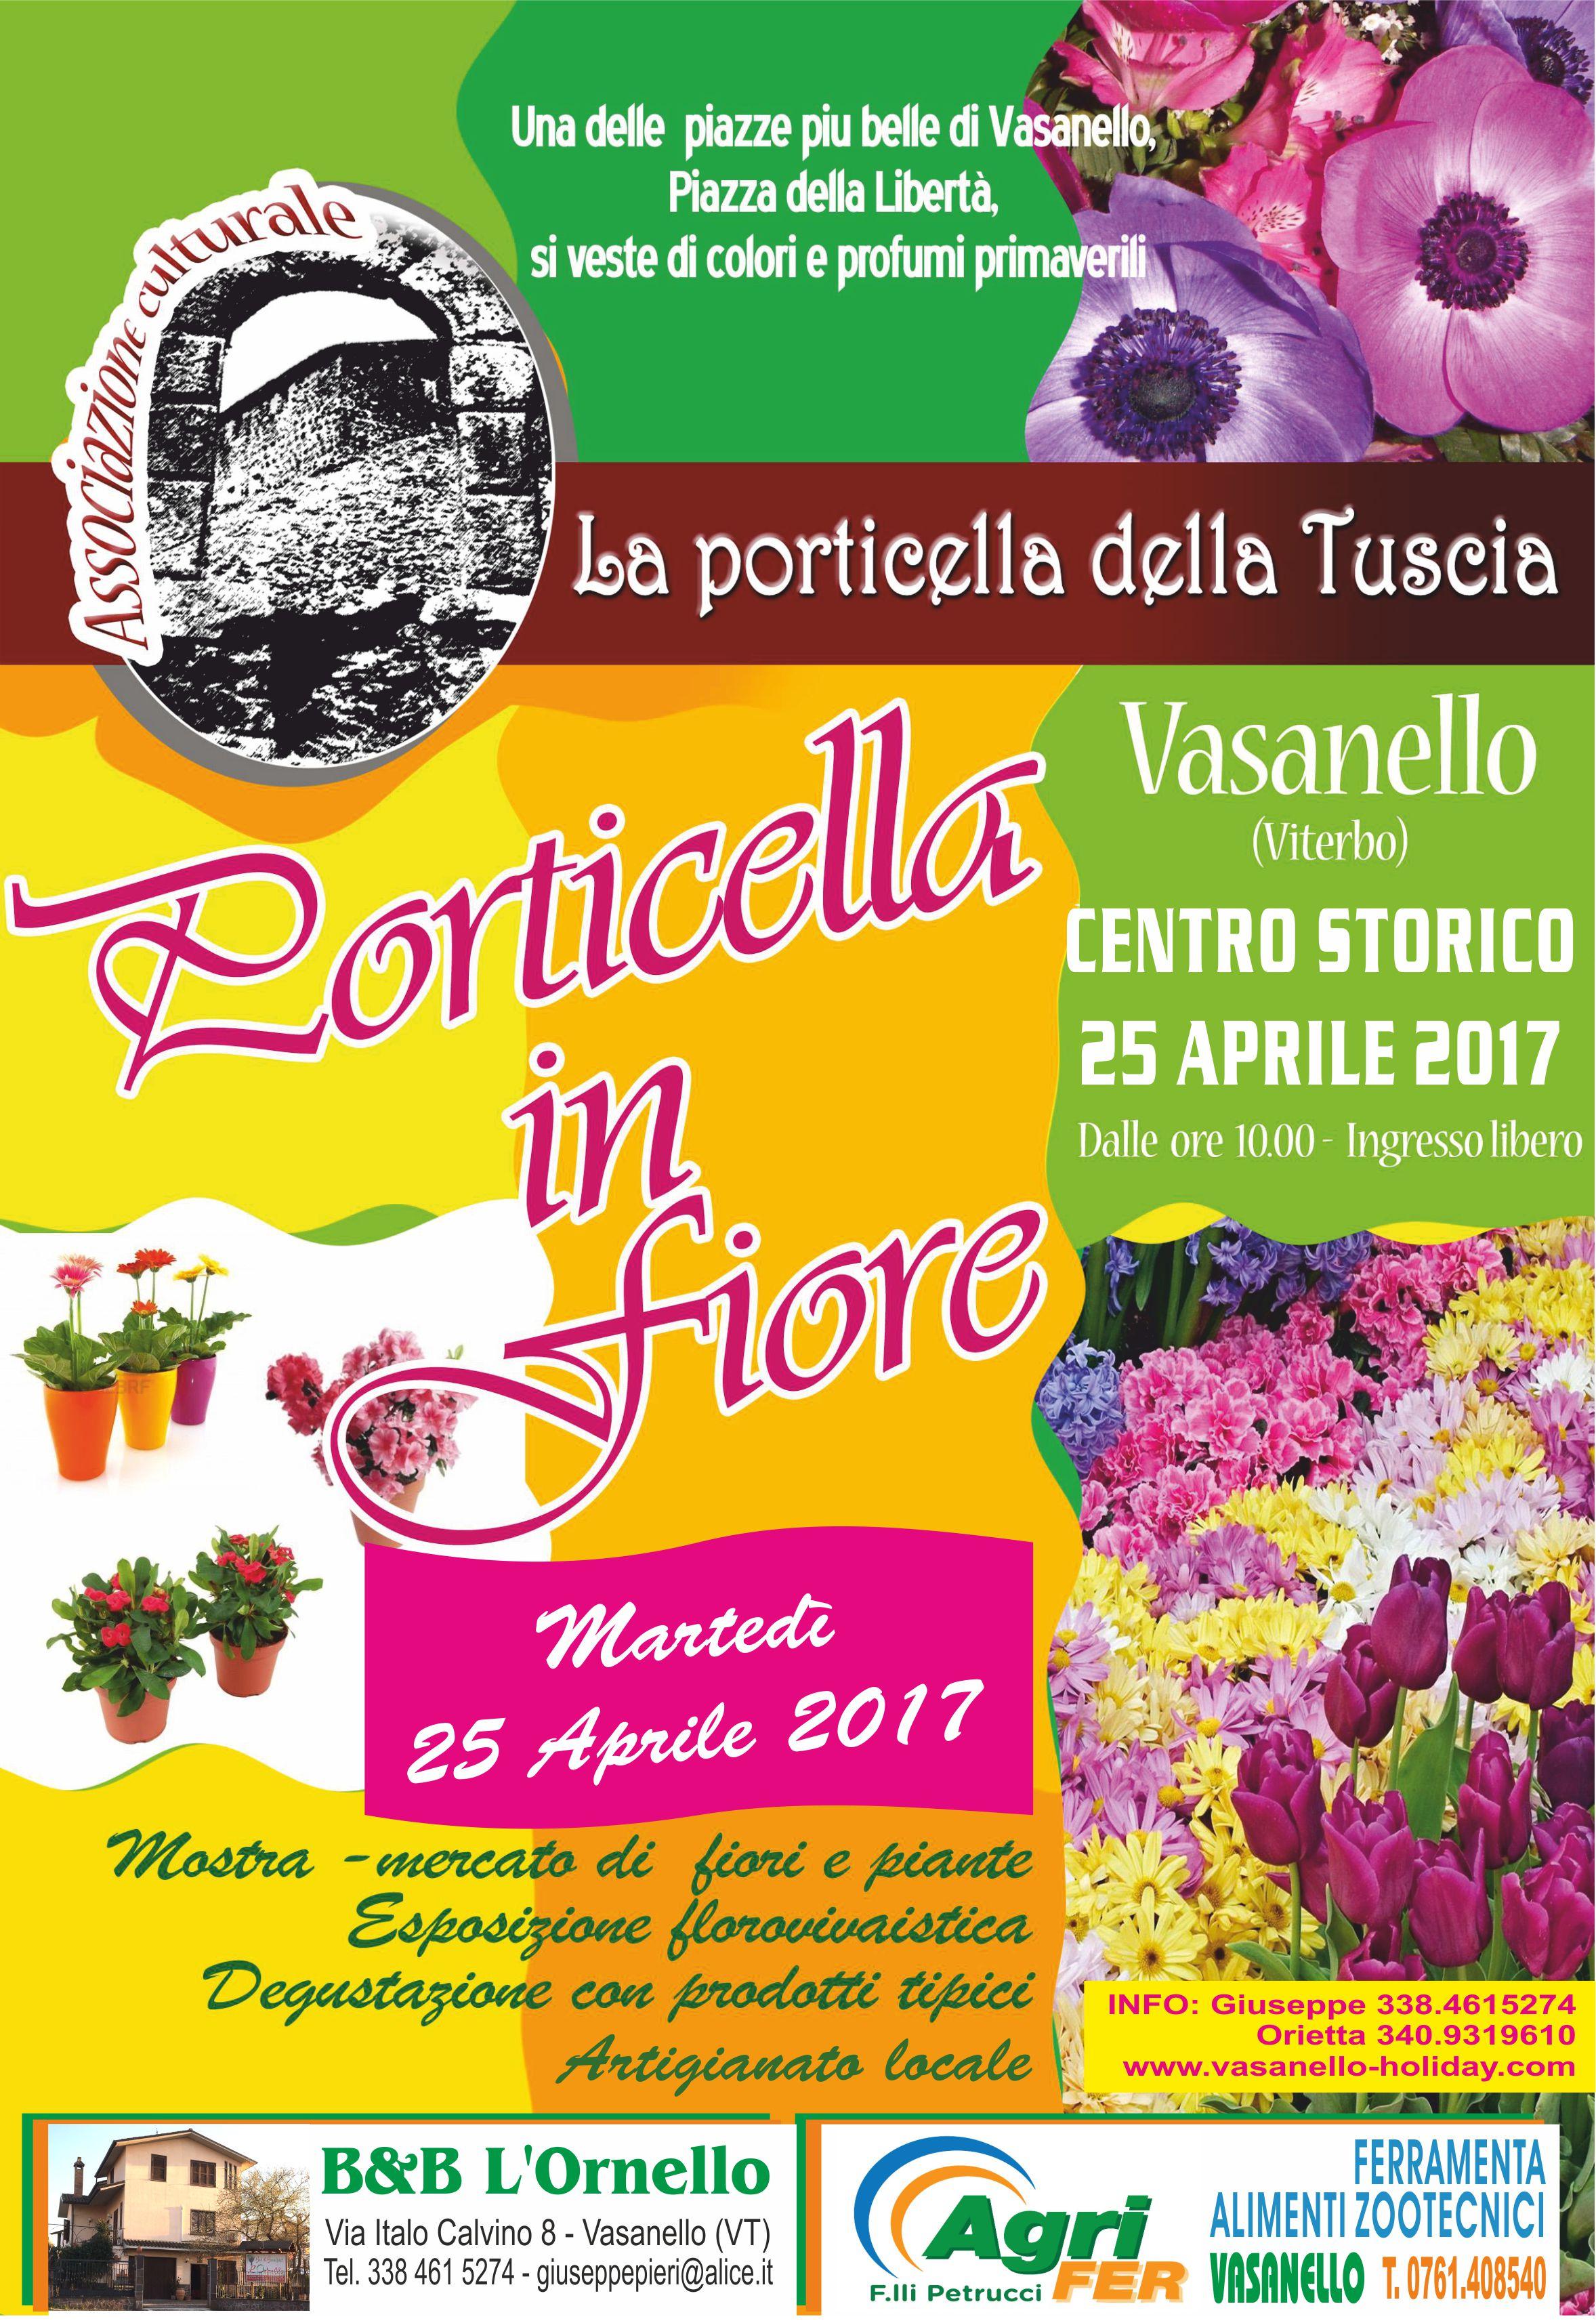 Porticella in Fiore